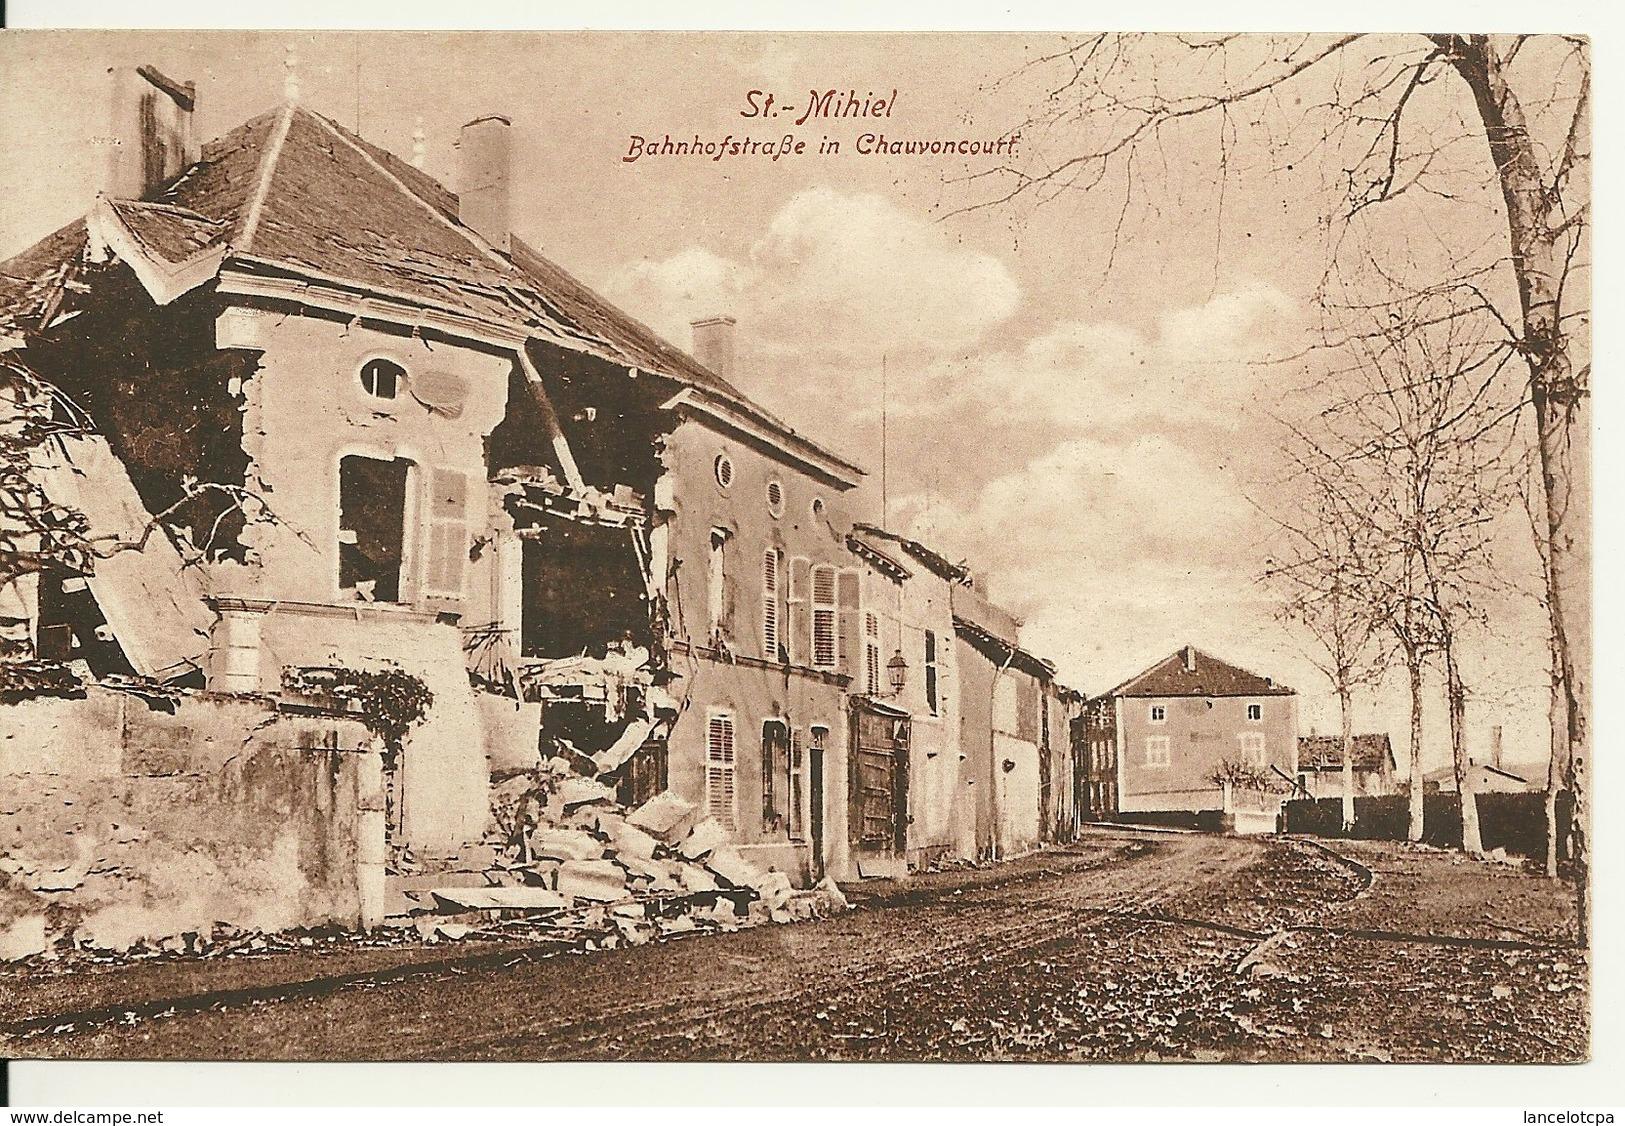 55 - SAINT MIHIEL / CARTE POSTALE ALLEMANDE - BAHNHOFSTRASSE IN CHAUVONCOURT - Saint Mihiel